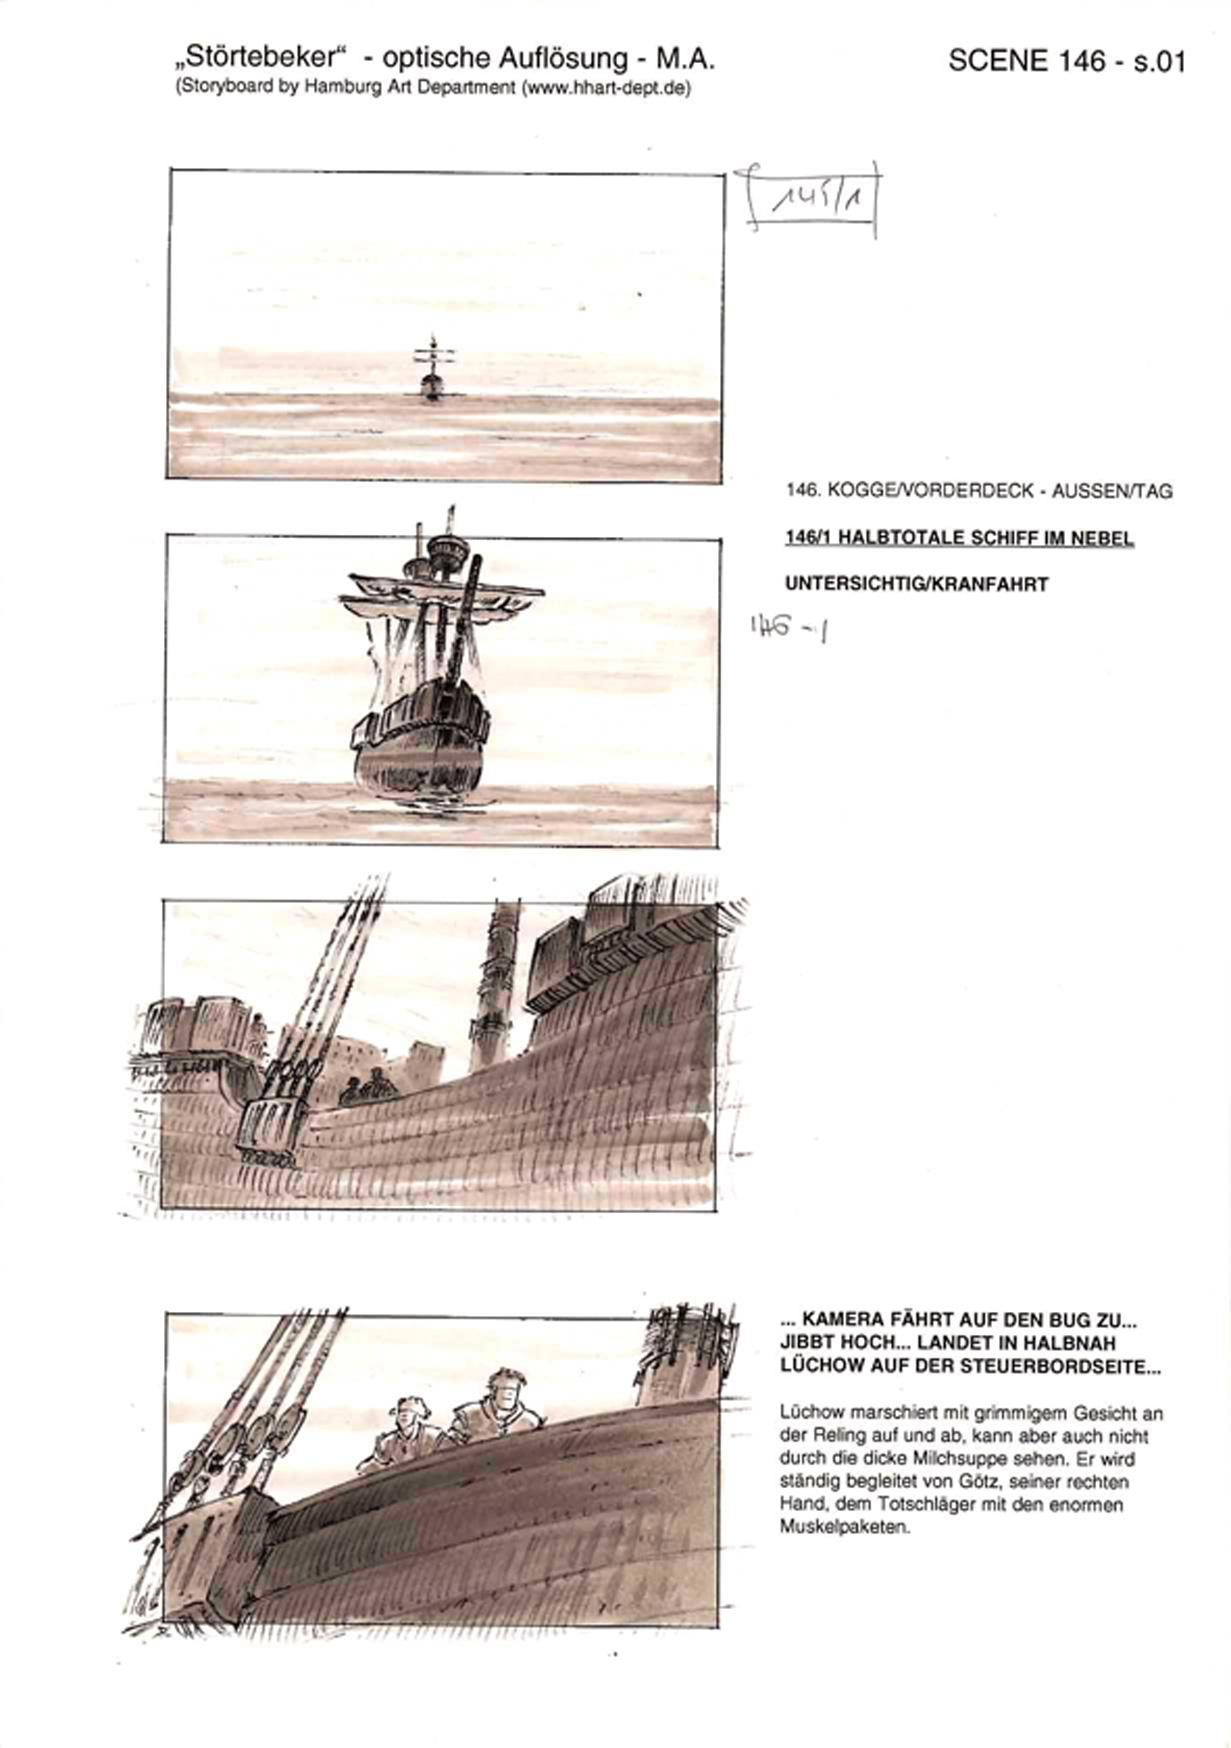 klaus-146-01